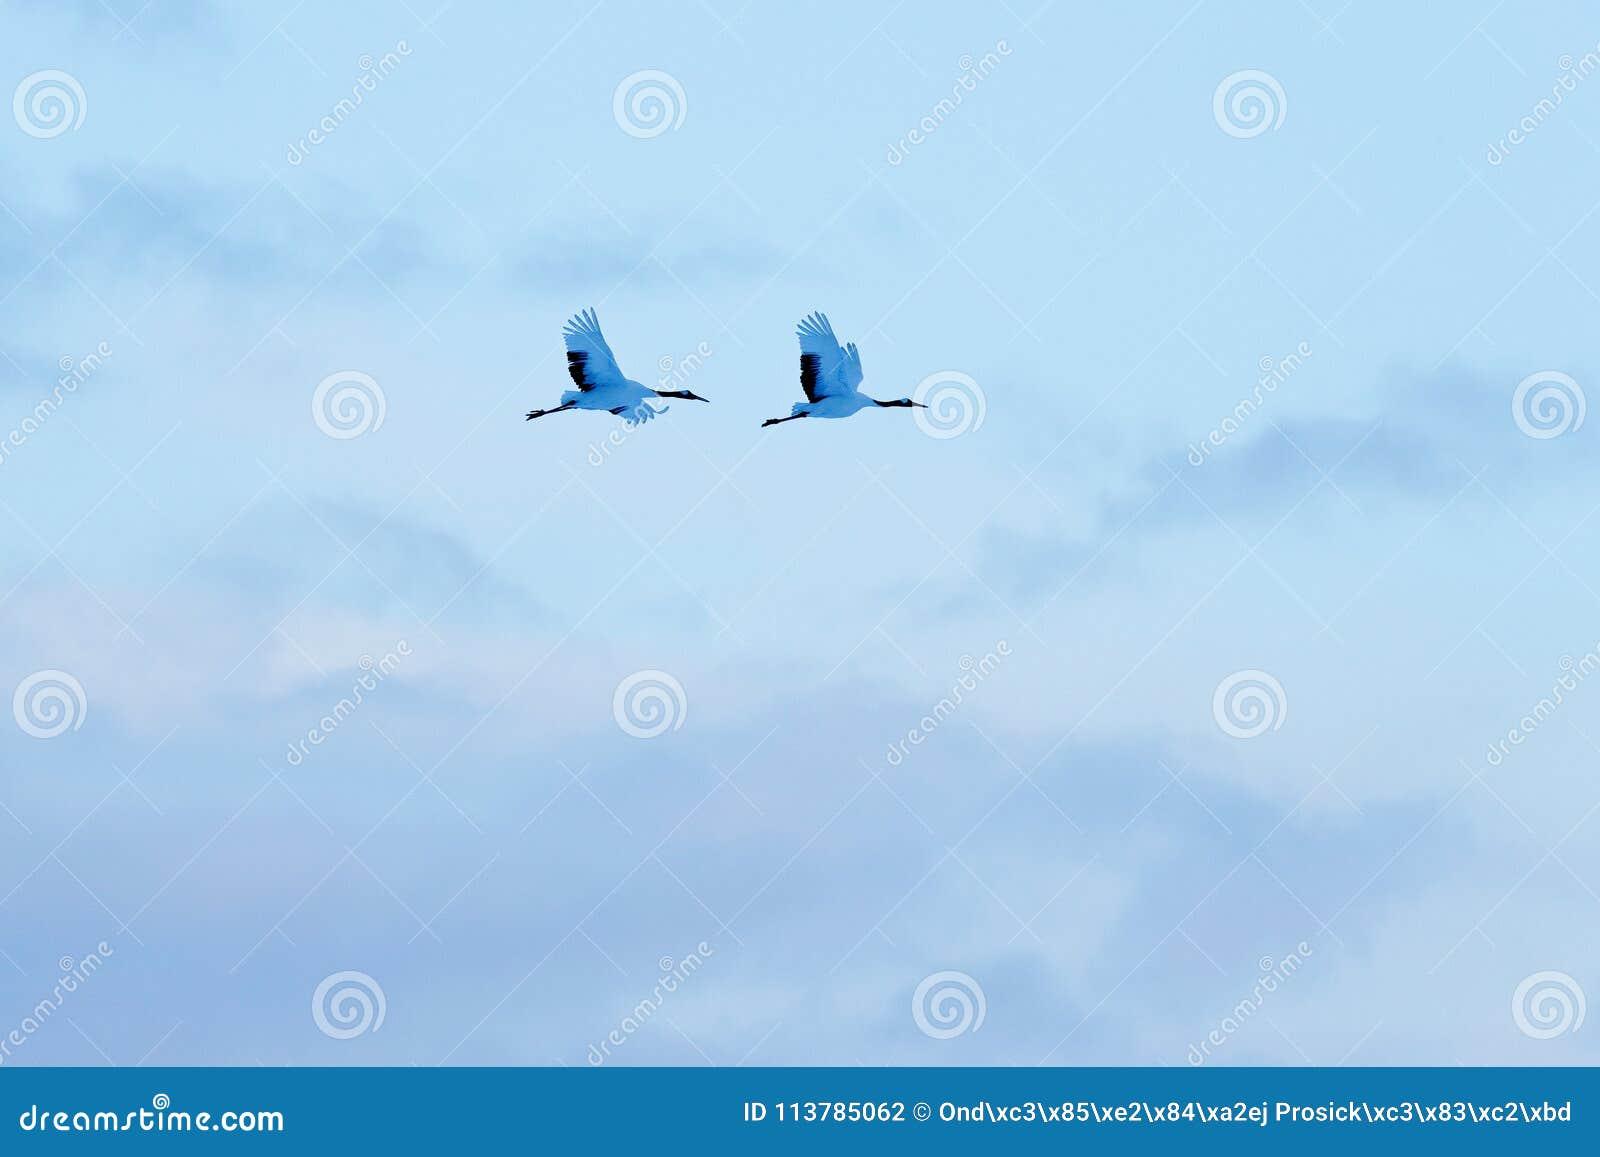 飞行两在雪草甸红加冠了起重机,有雪风暴的,北海道,日本 鸟飞行,与雪花的冬天场面 雪舞蹈